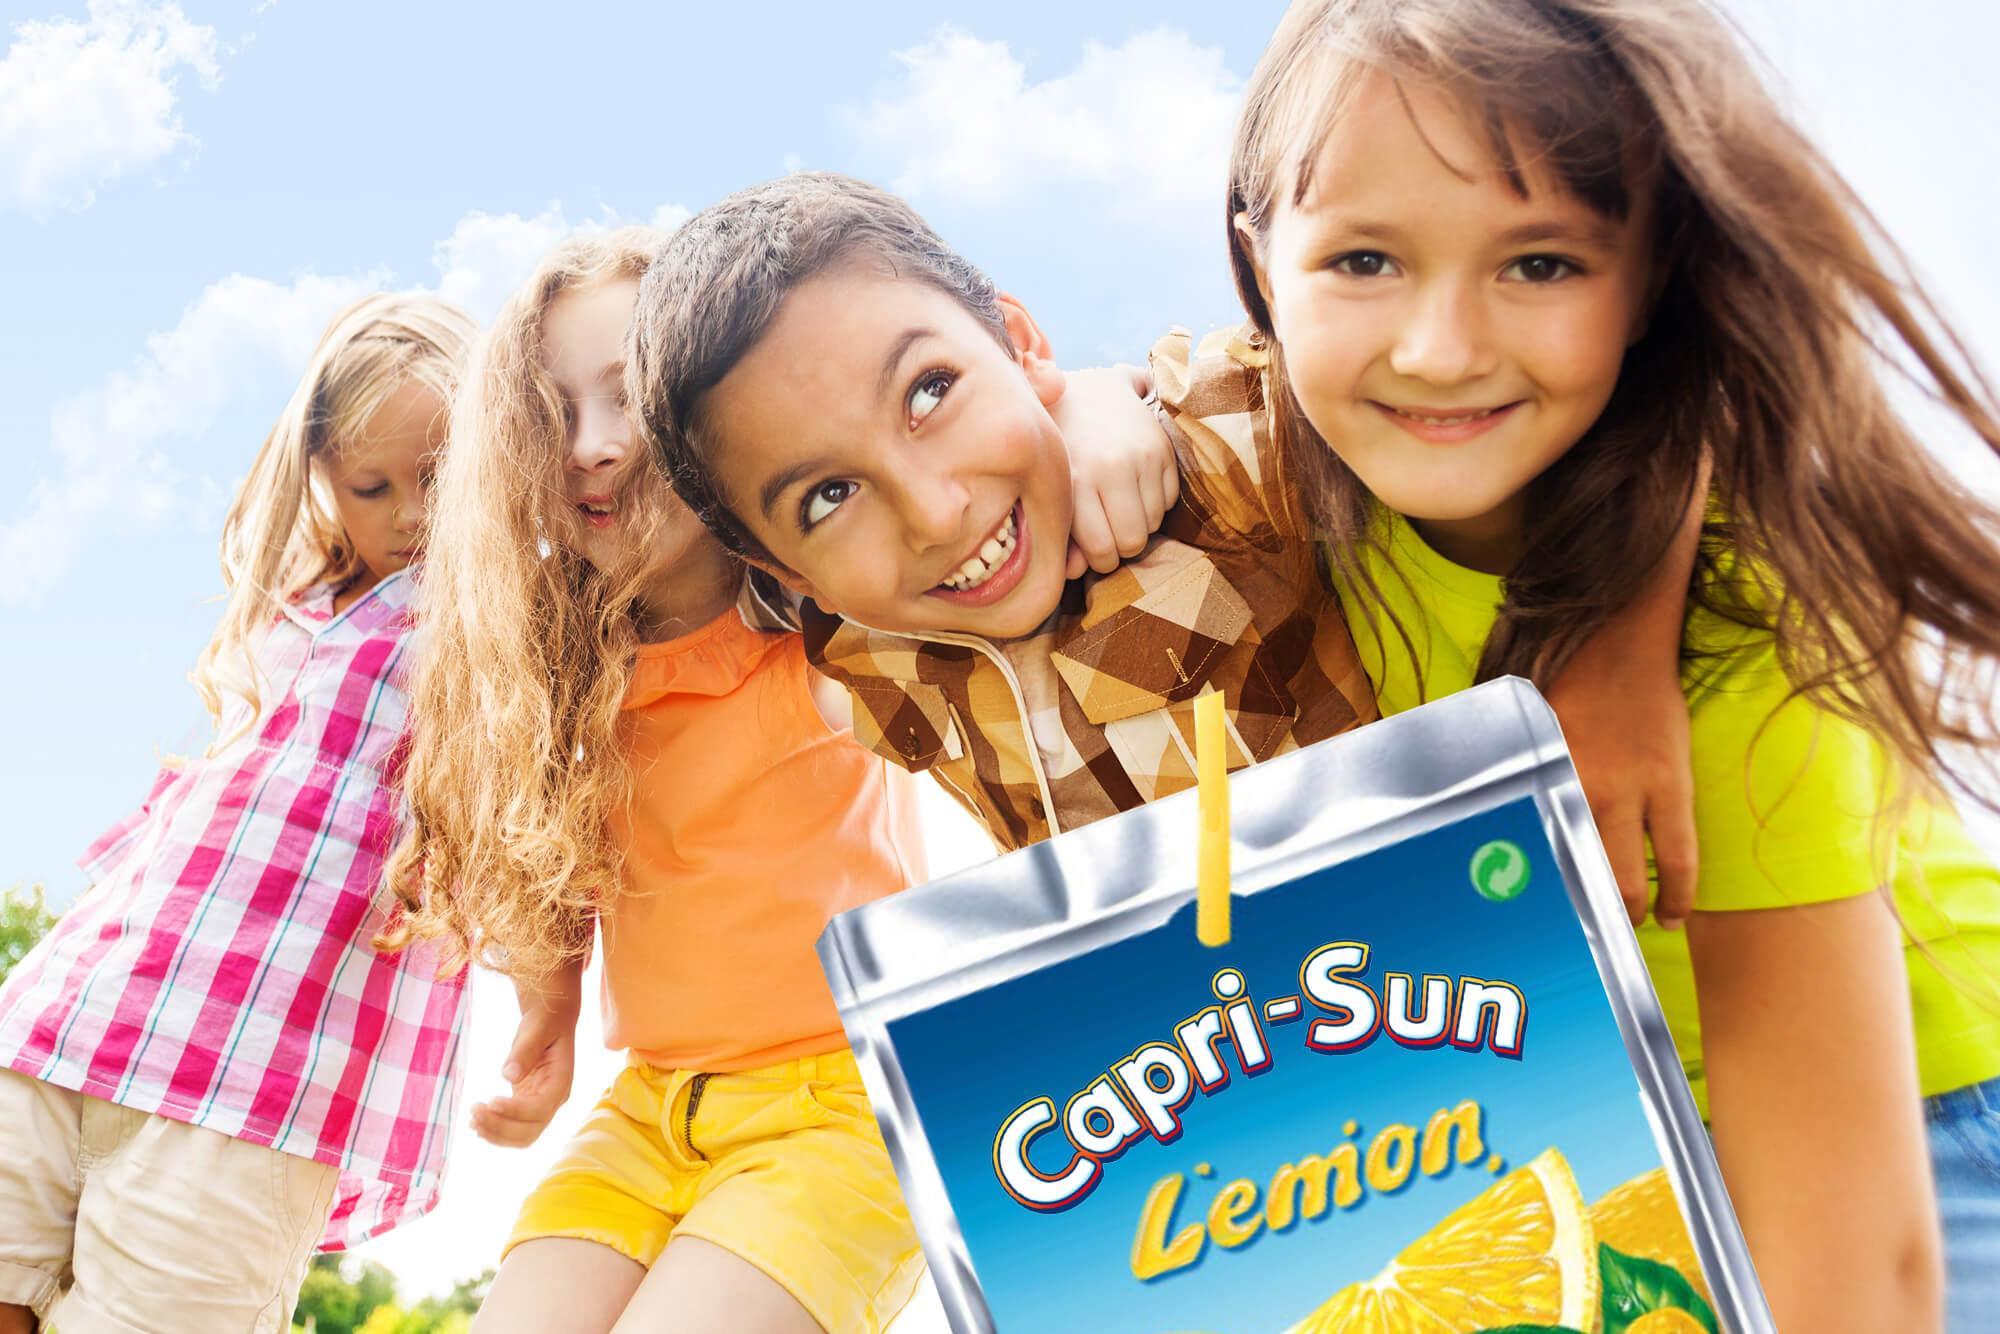 Capri-SunLemon Relaunch